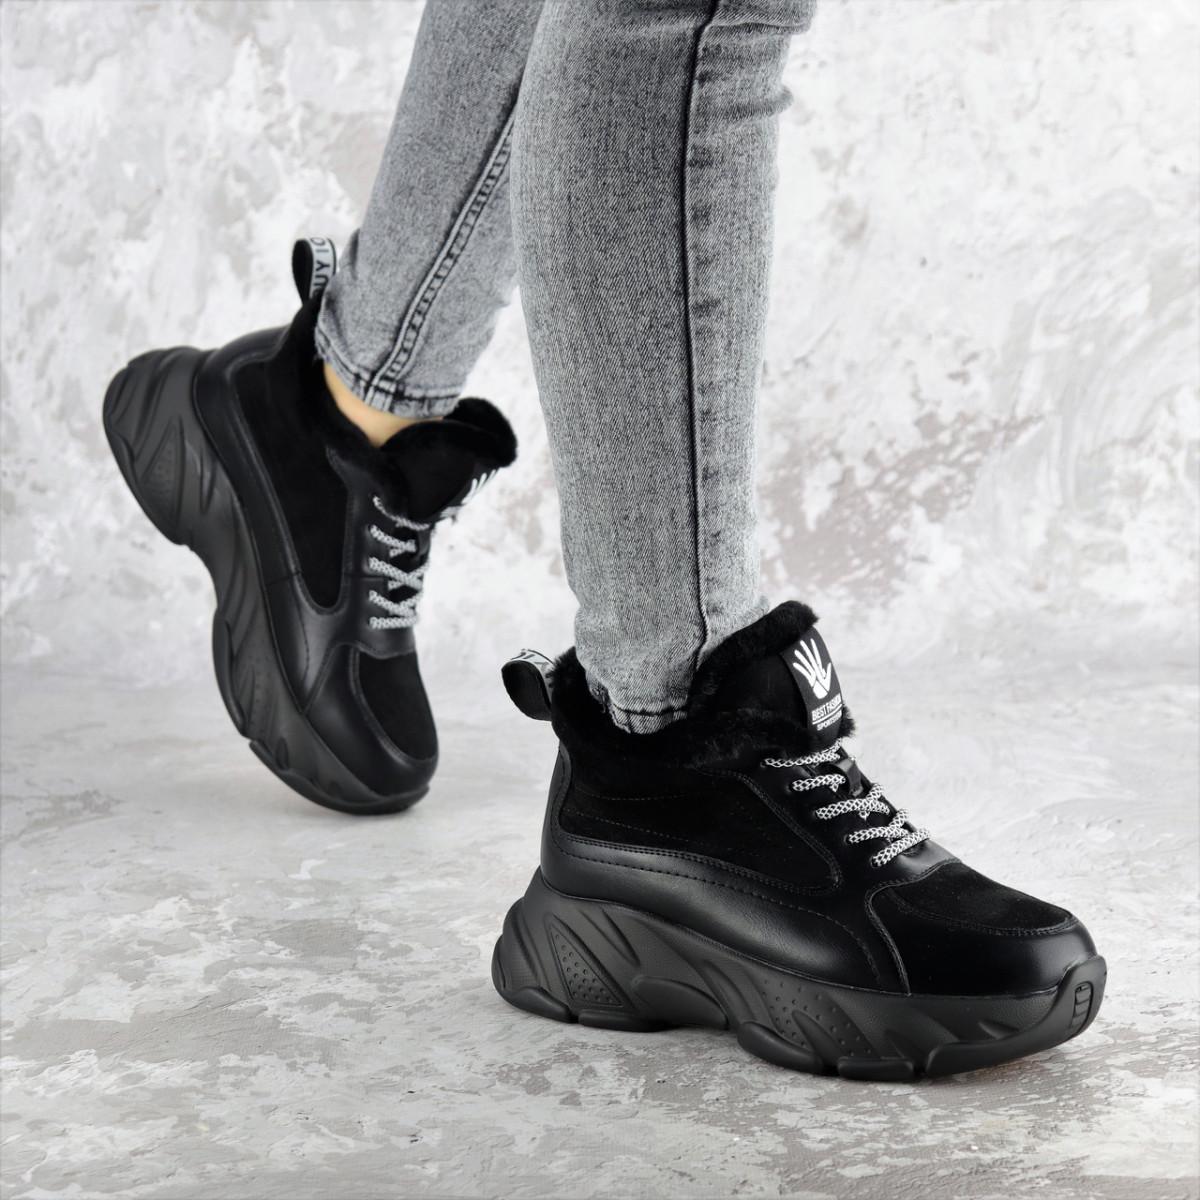 Кроссовки женские зимние Fashion Freewill 2359 37 размер 24 см Черный